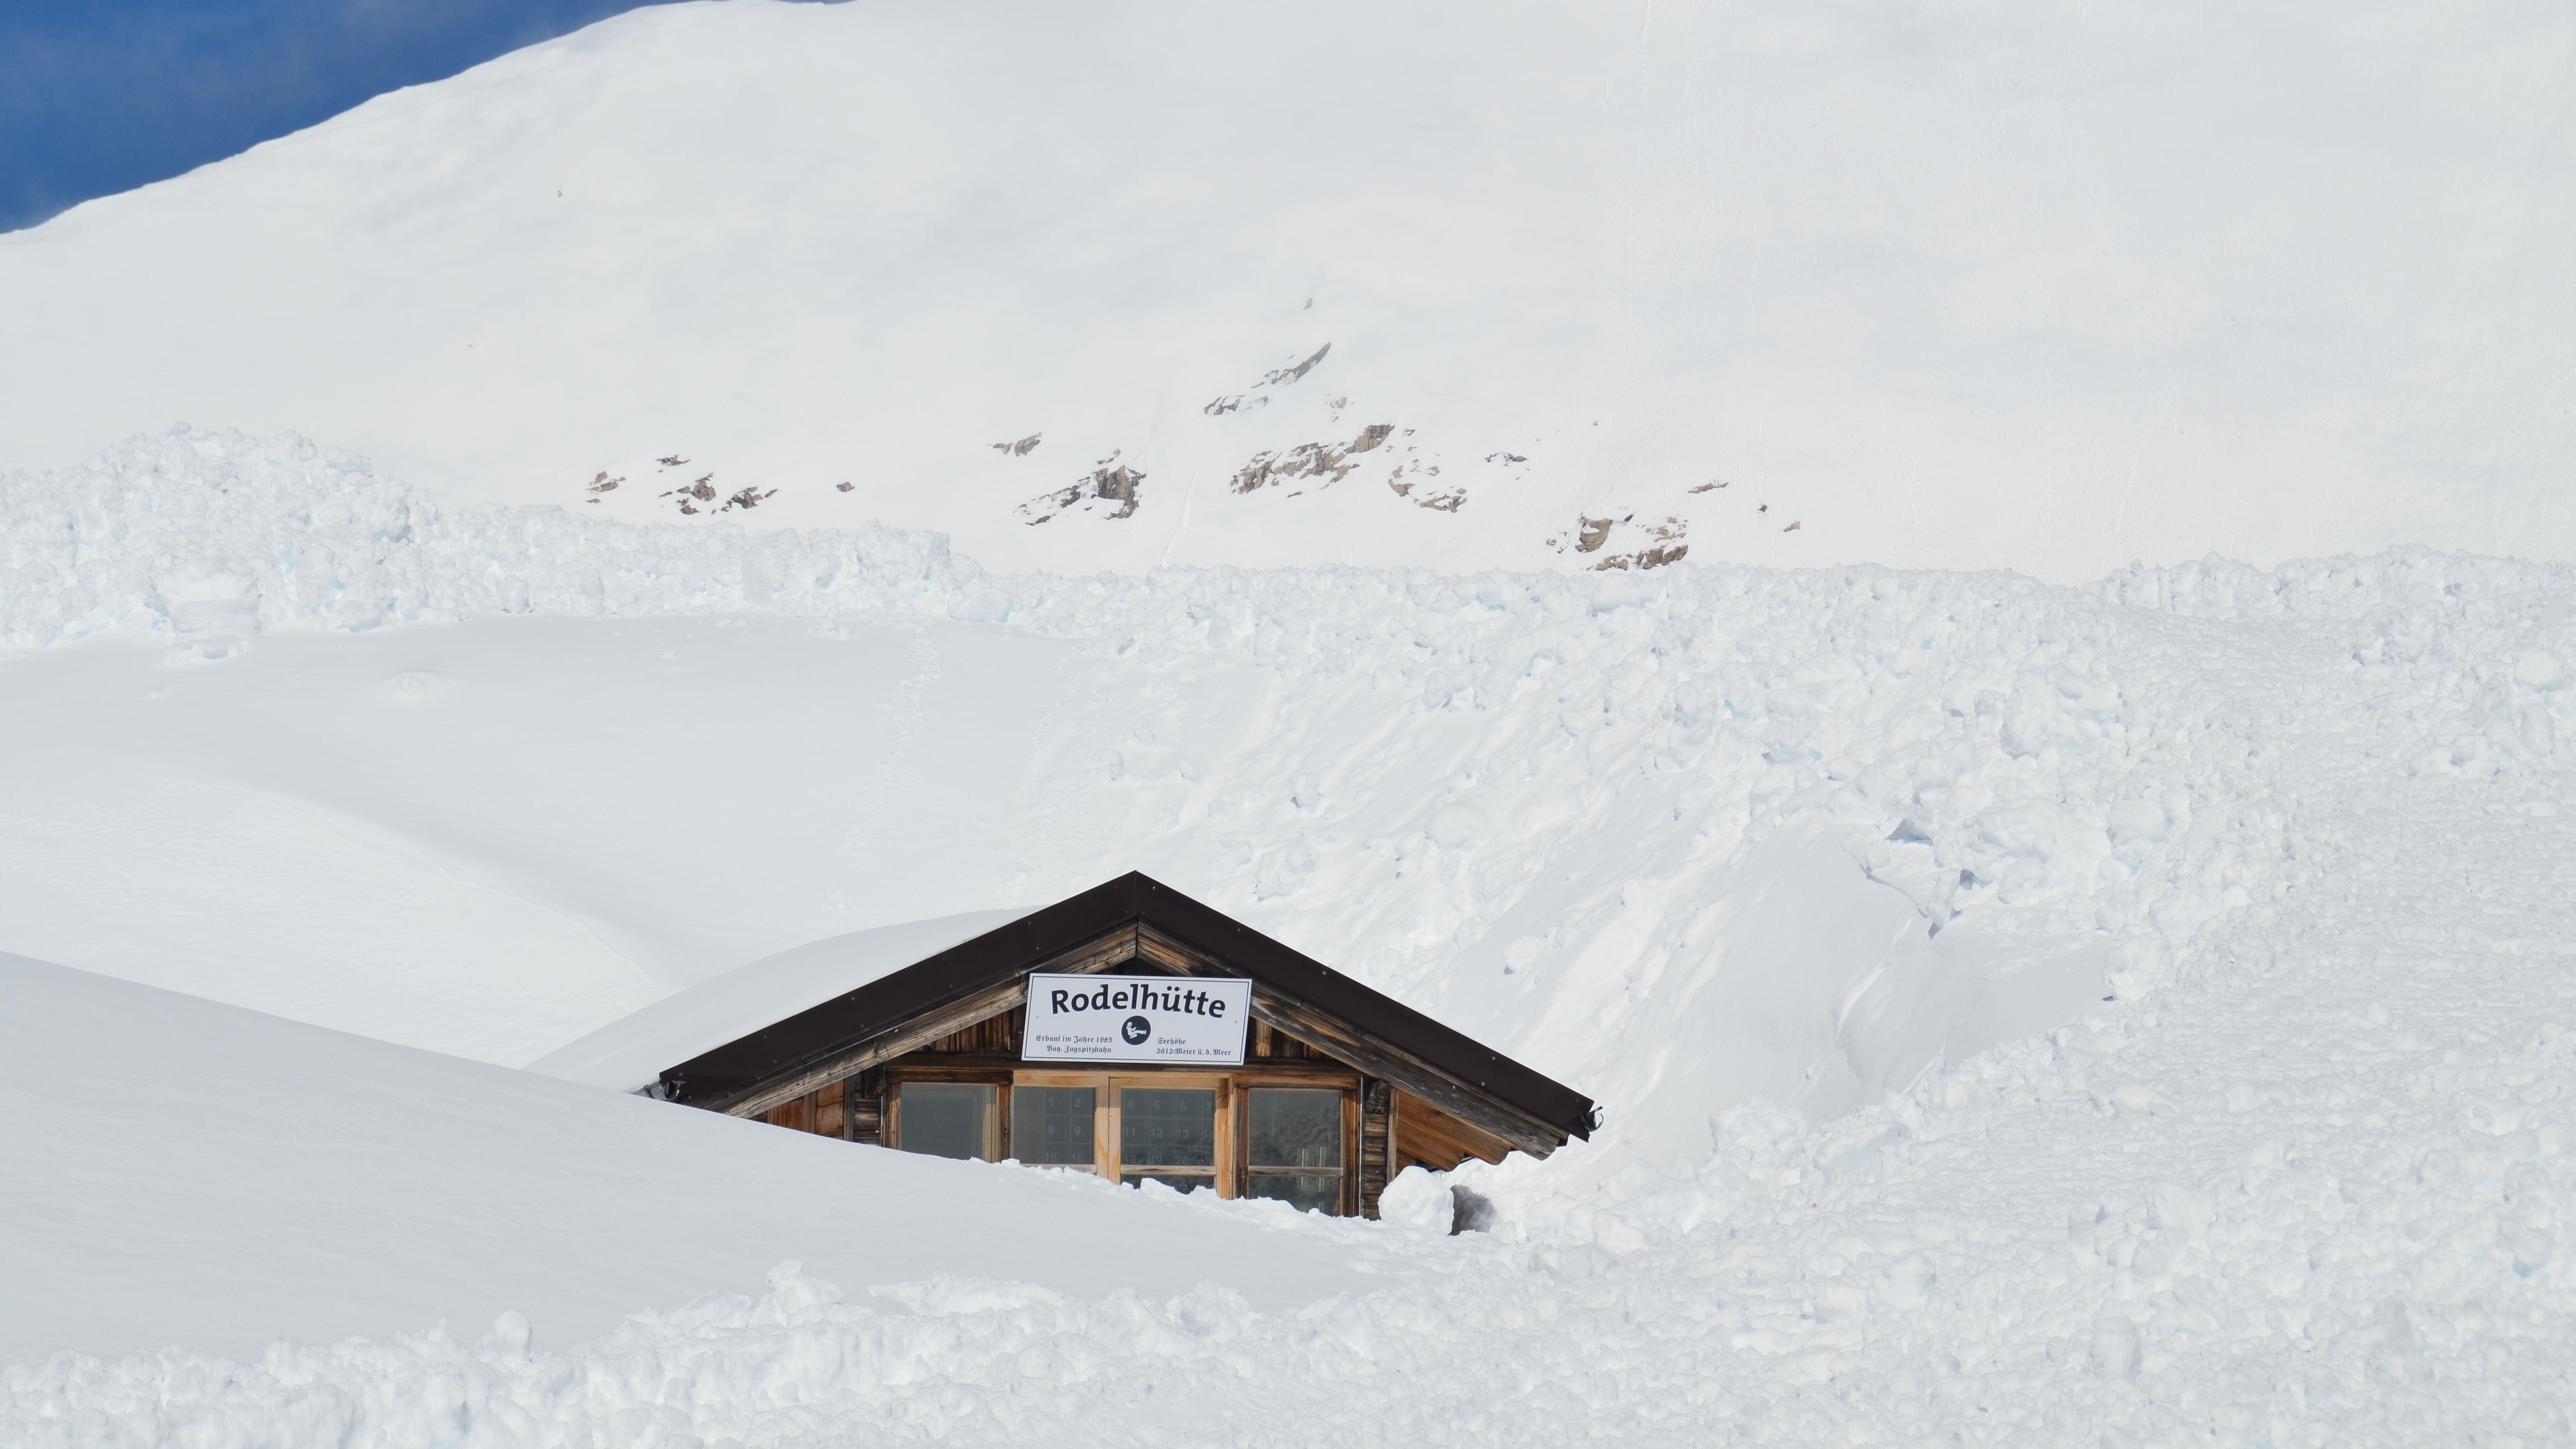 Rodelhütte auf der Zugspitze zwischen Schneemassen